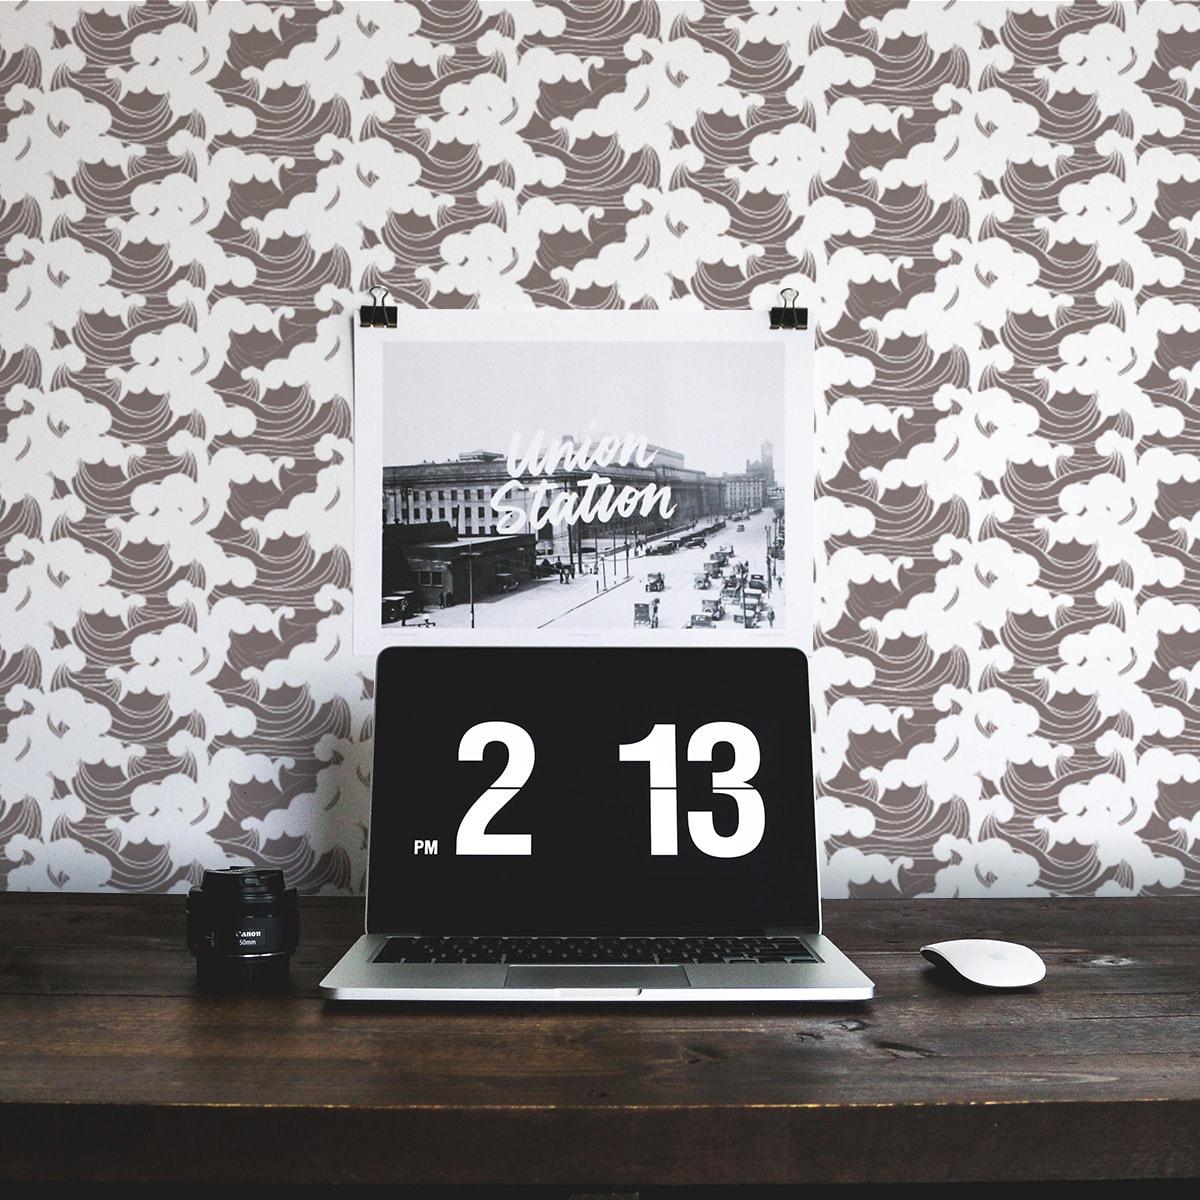 """Tapete für Büroräume dunkel braun: Asiatische Wellen Tapete """"Meerschaum"""", braune Vlies Tapete grafische Wanddeko für Flur, Büro"""